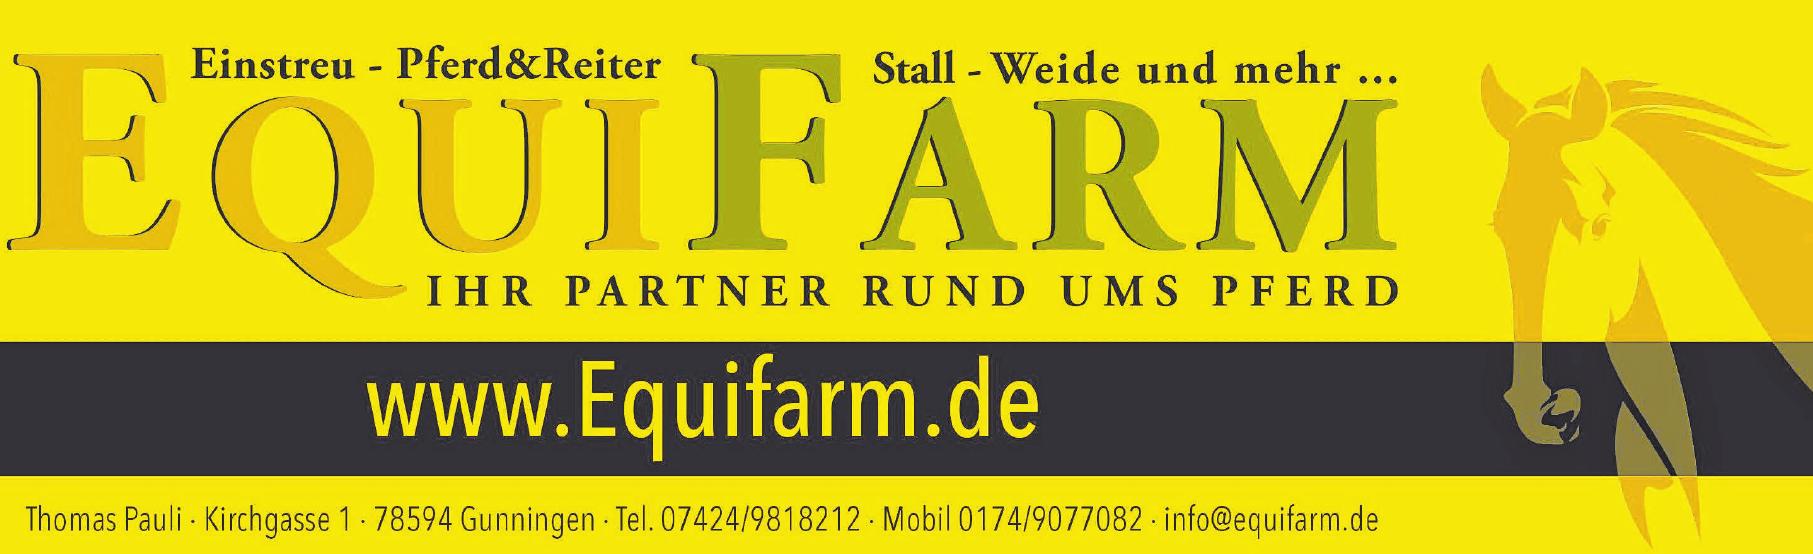 Equifarm - Thomas Pauli